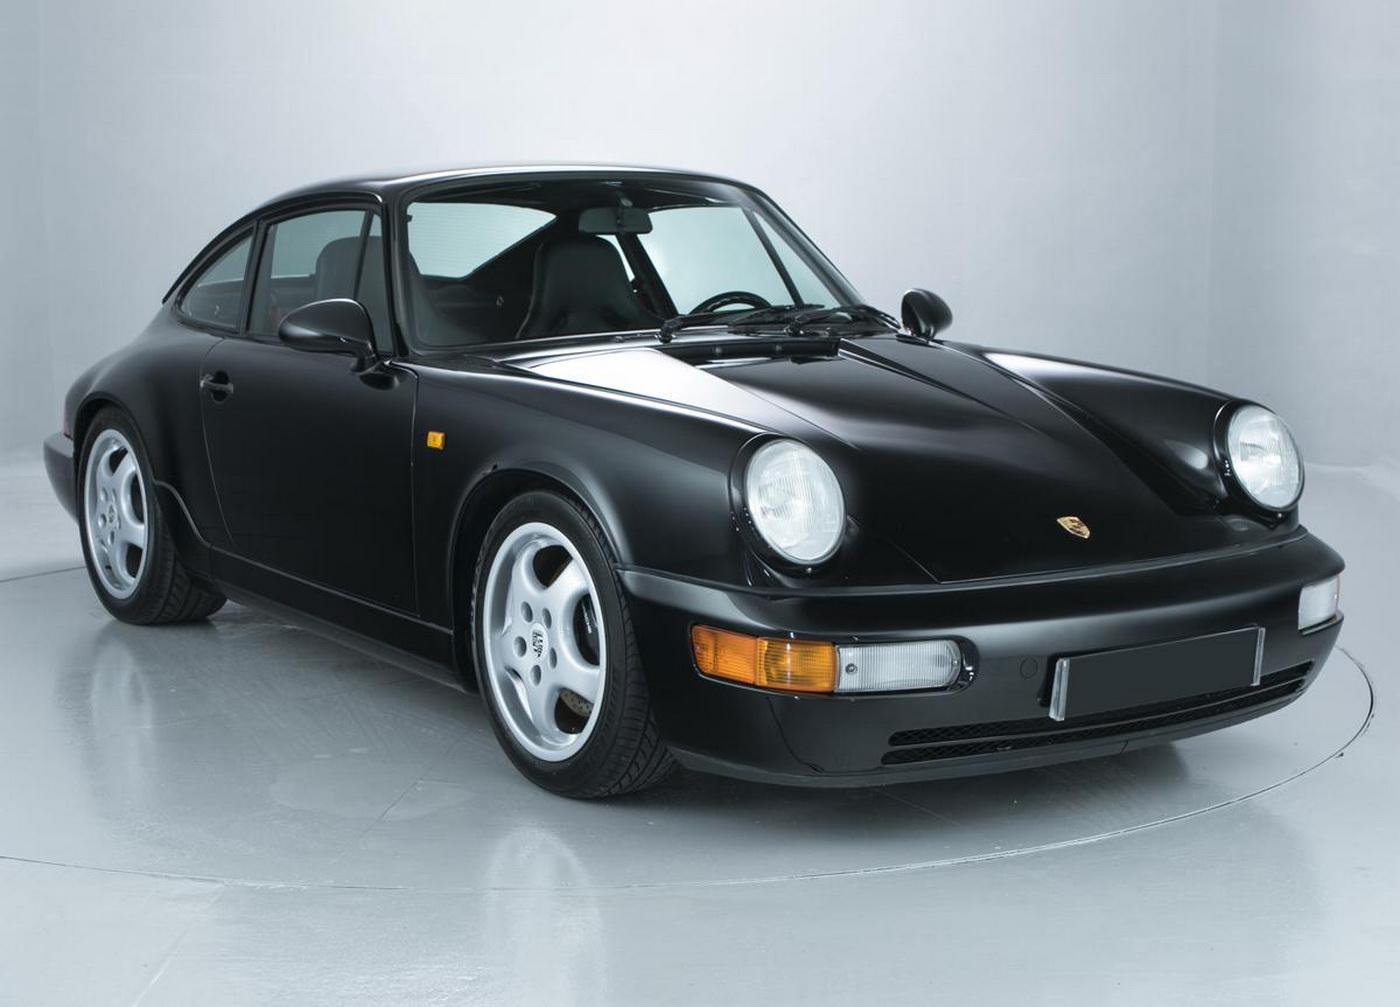 911 turbo 964 en venta: